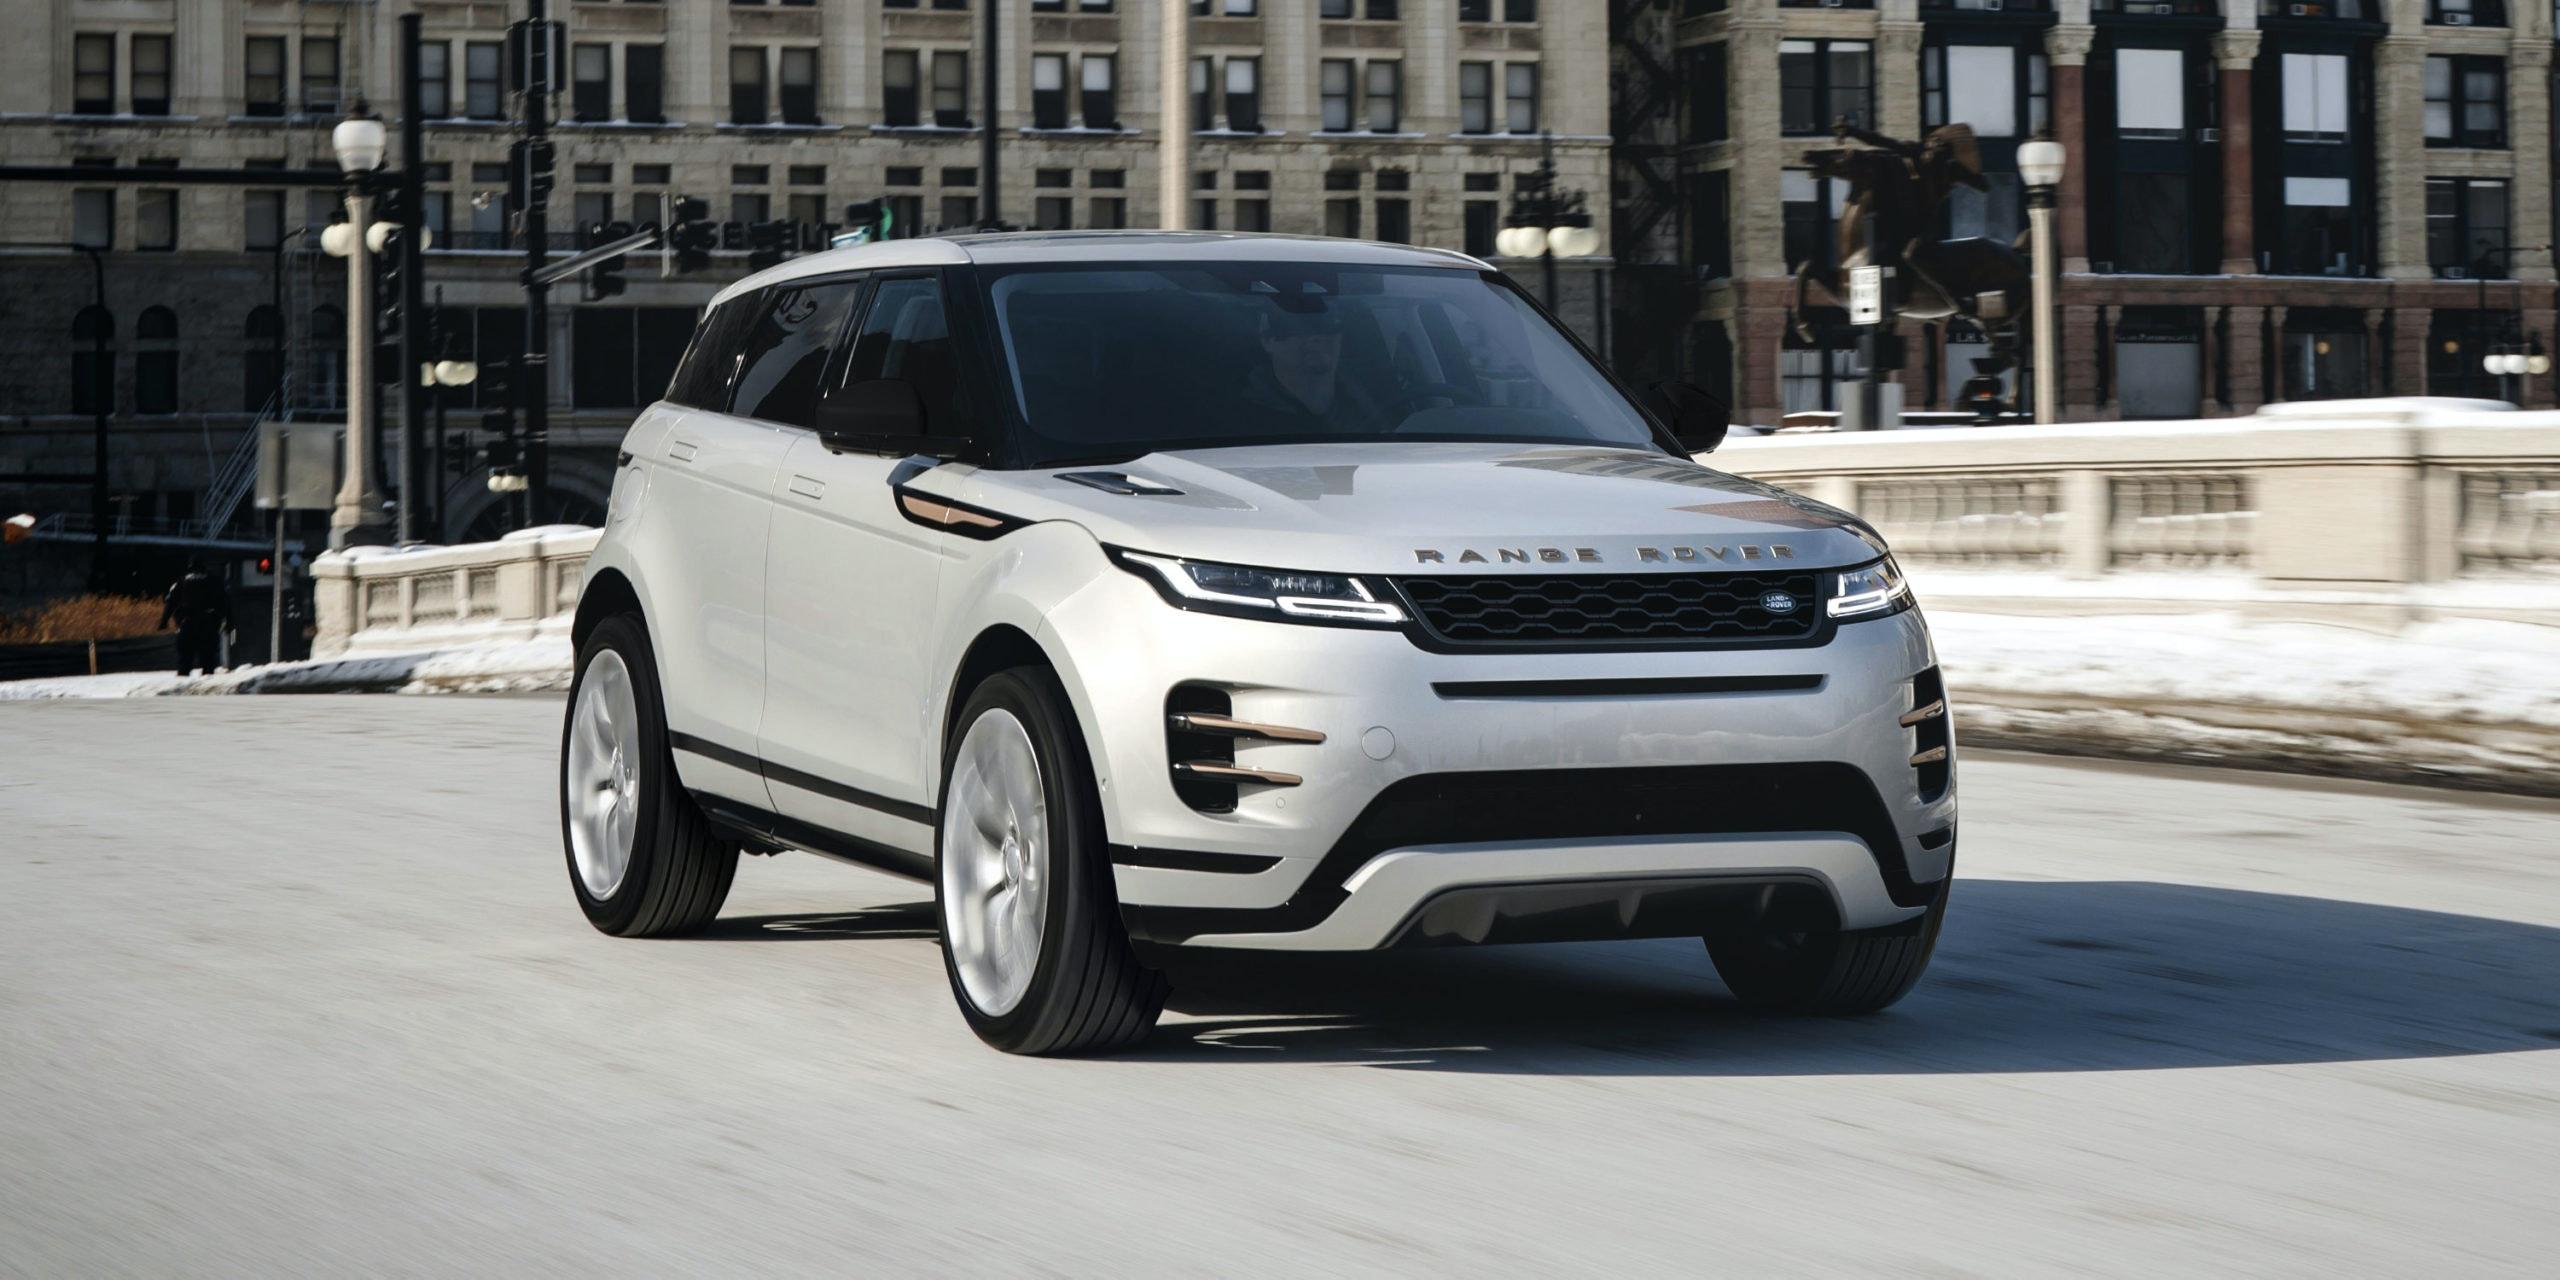 New Air Filter for Porsche /& Land Rover Range Rover